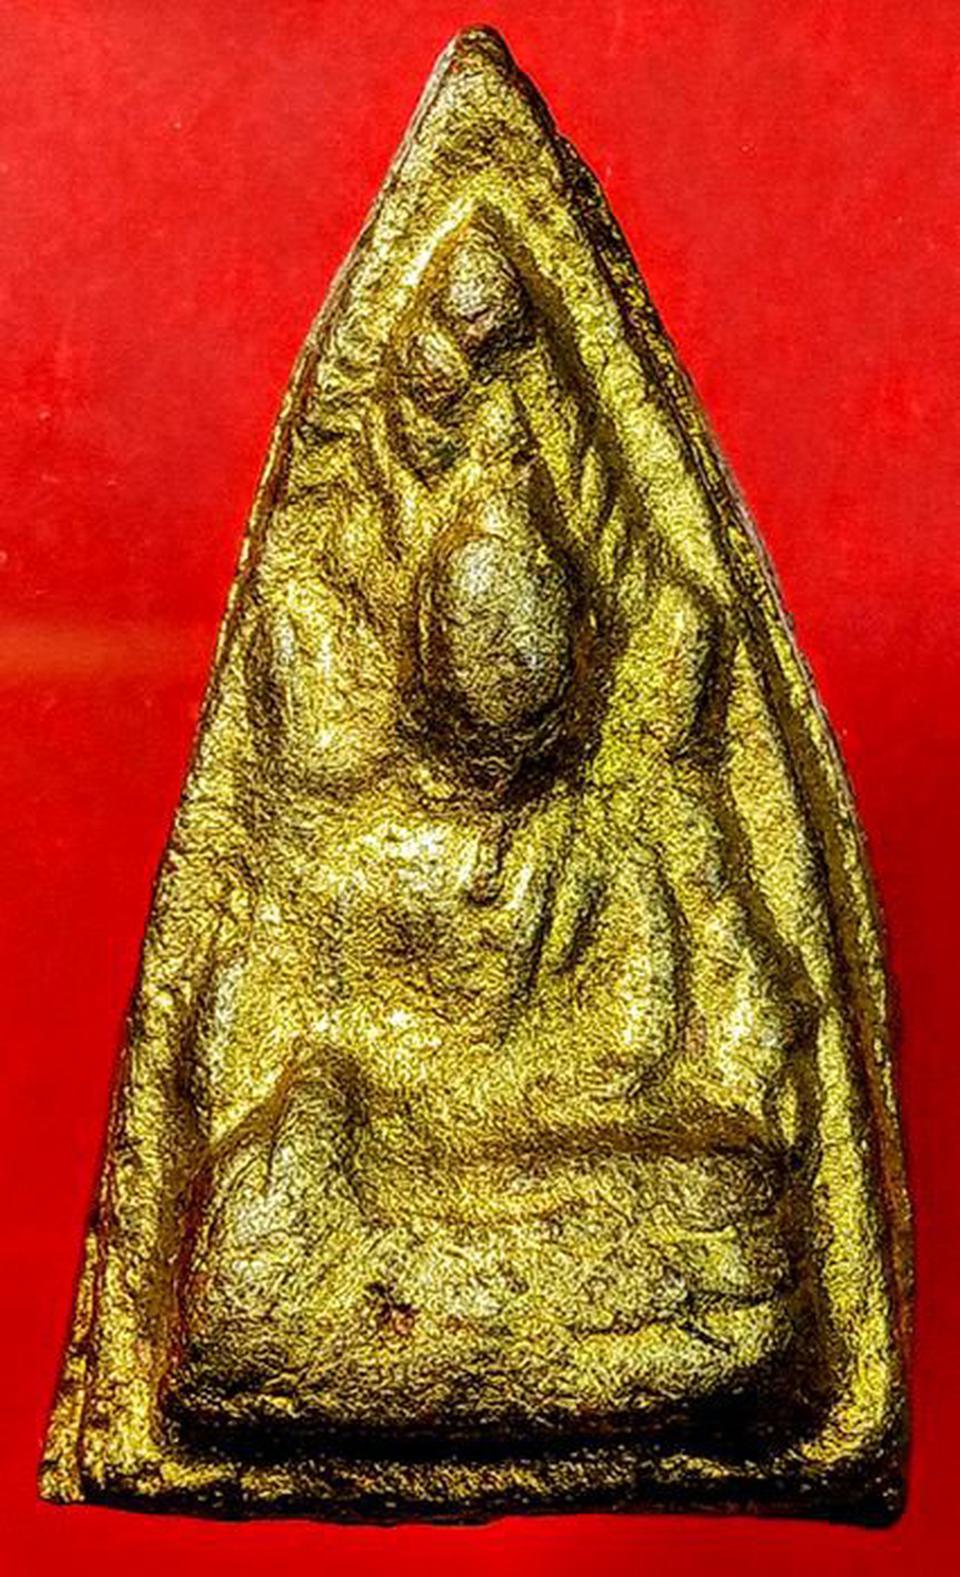 พระพุทธชินราช เนื้อดิน หลวงปู่ยิ้ม วัดเจ้าเจ็ด จ.อยุธยา รูปที่ 3